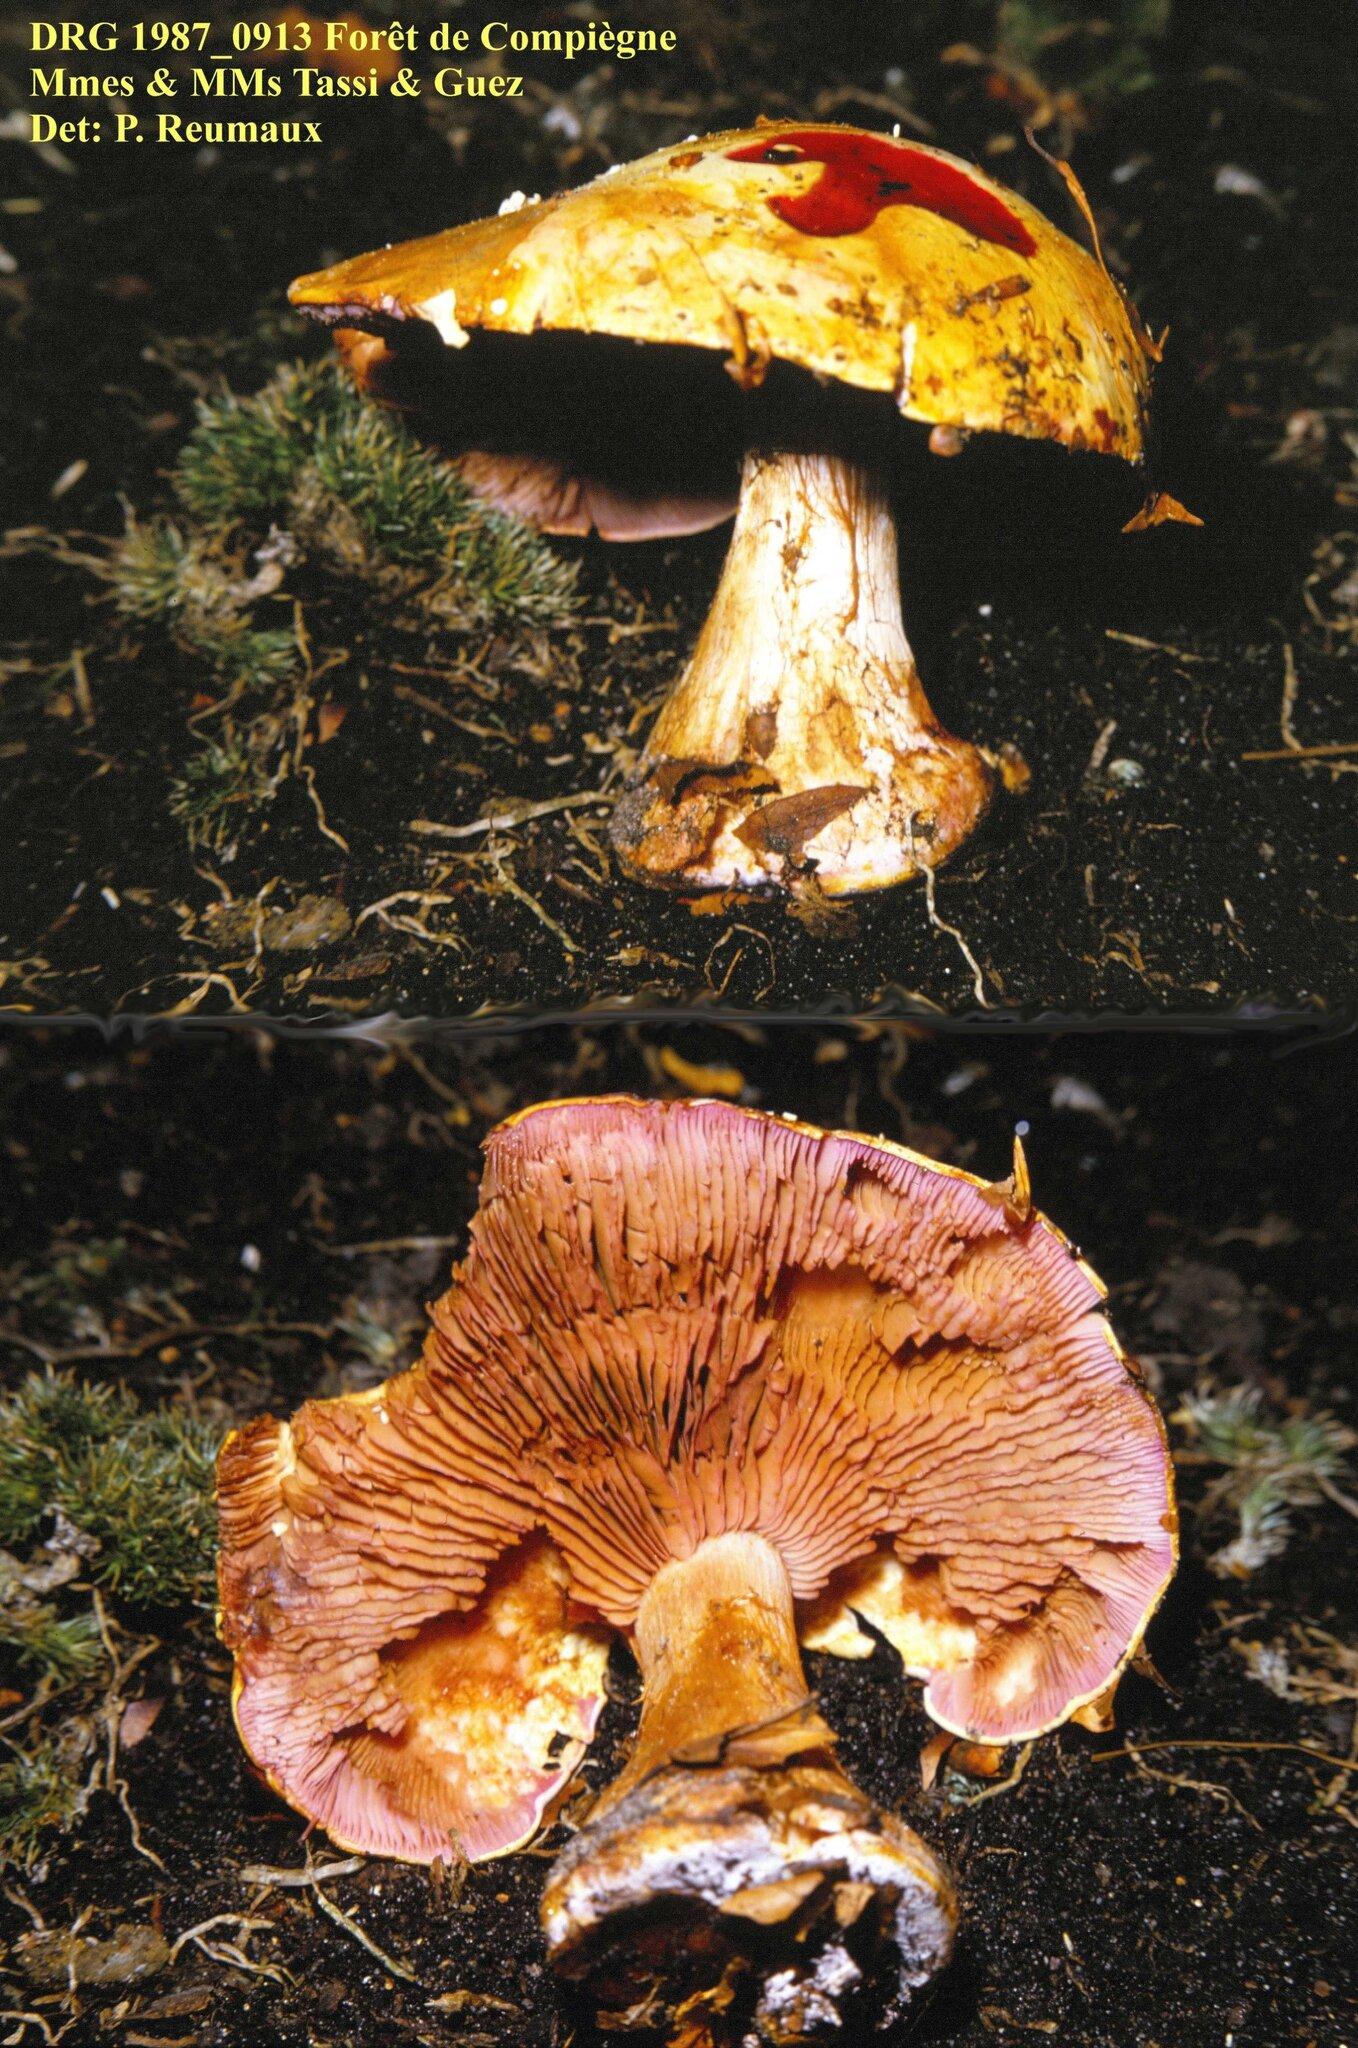 Cortinarius_rickenianus_1987_0913_Compiegne